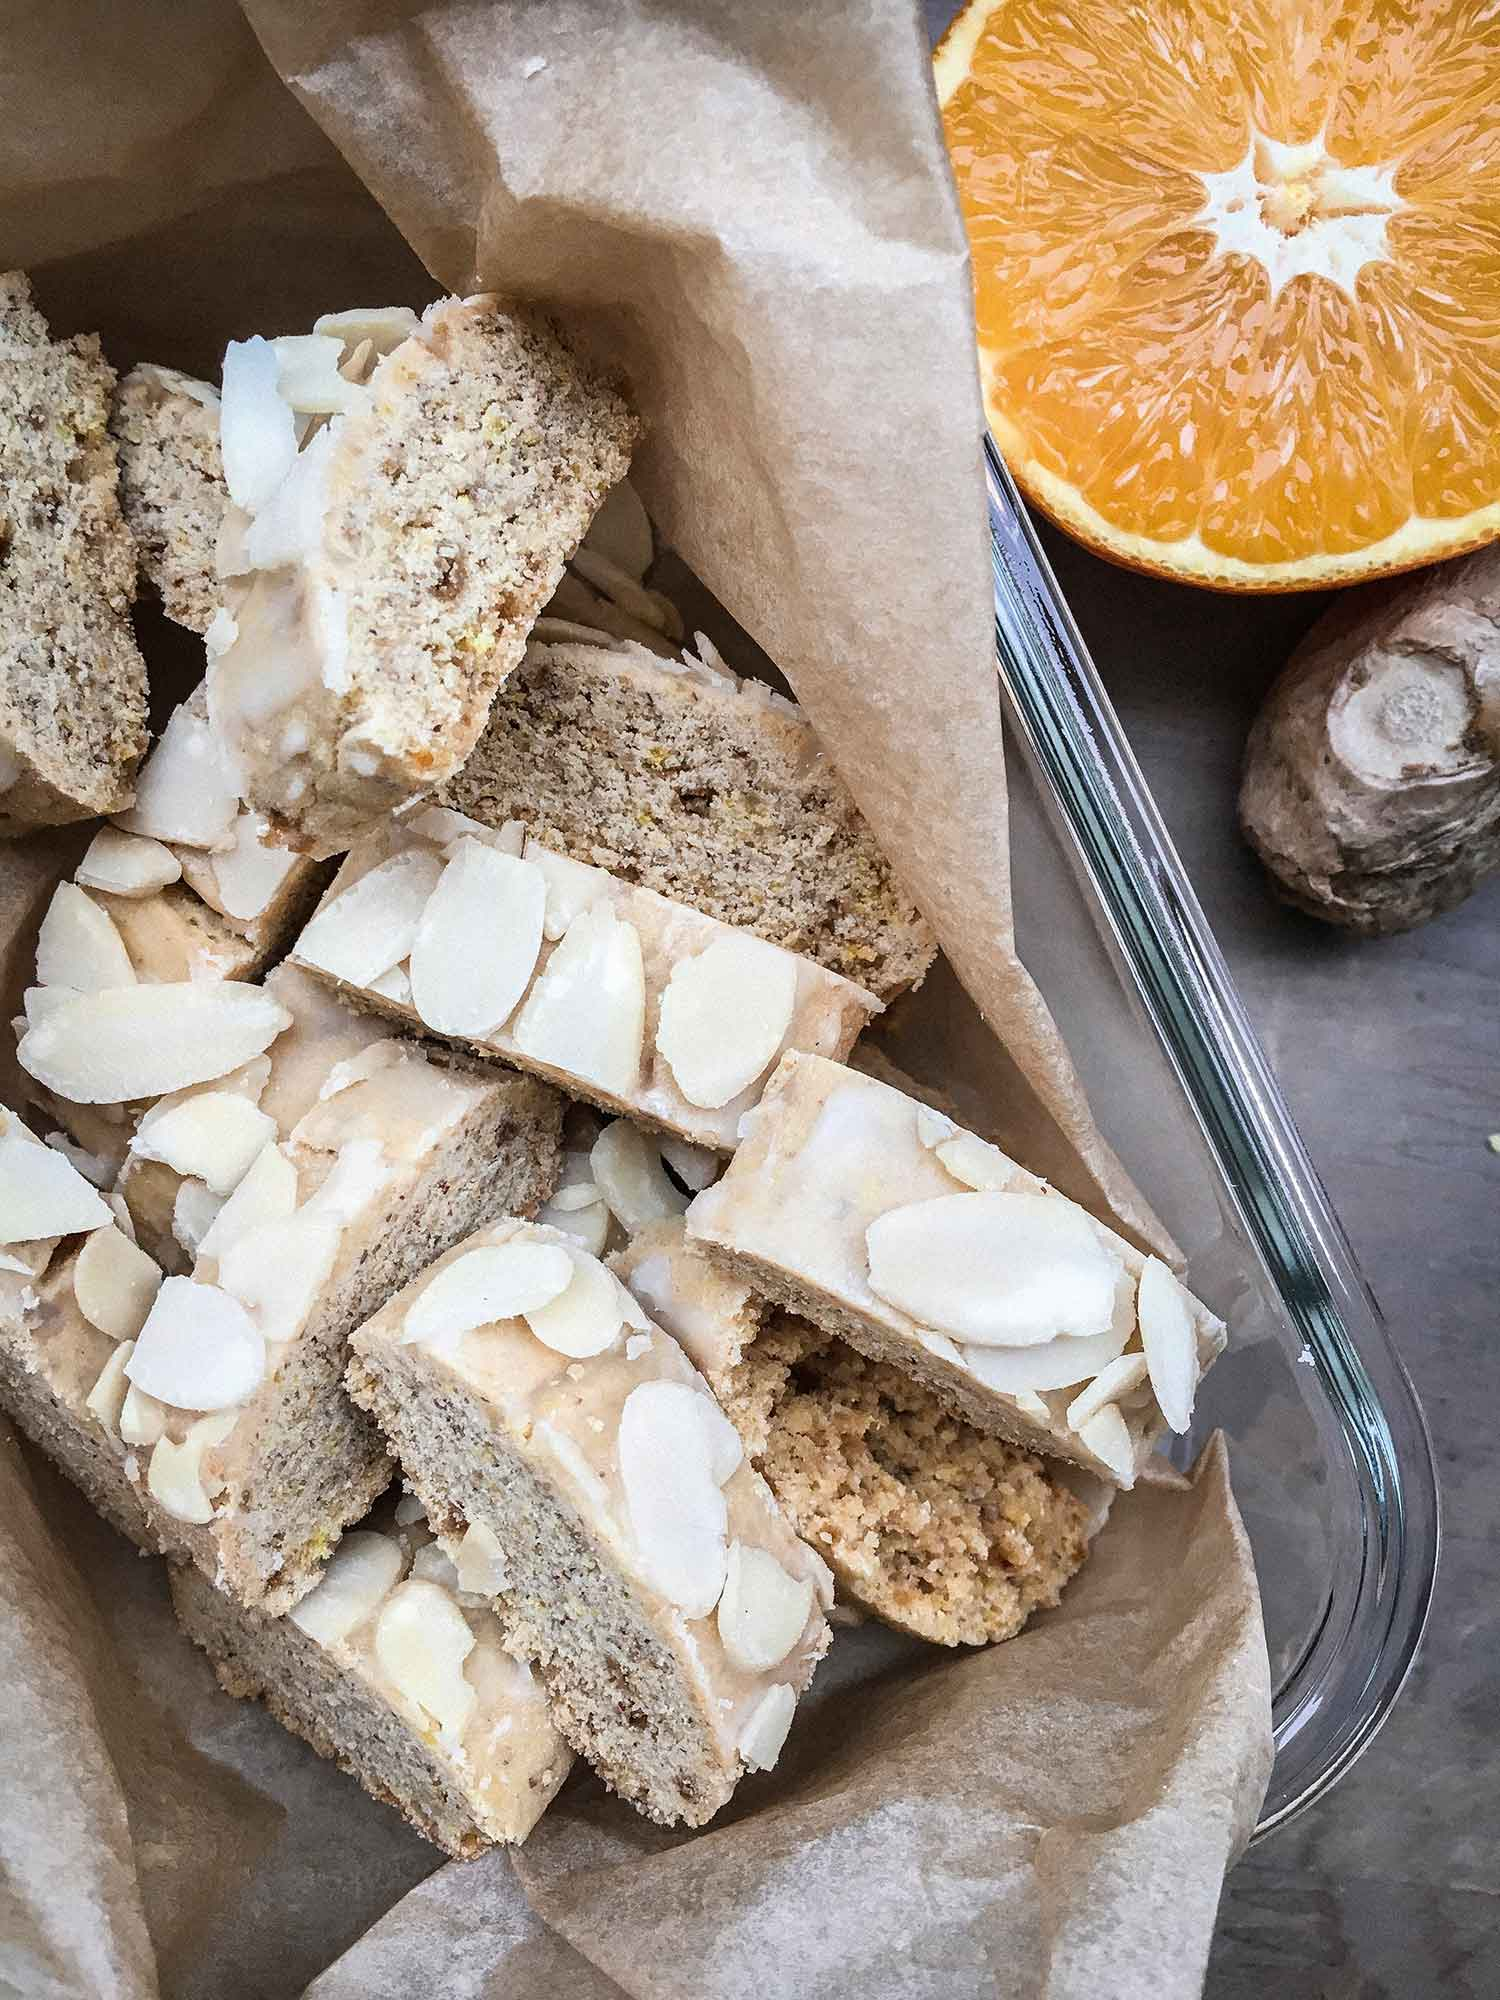 Weihnachtsplätzchen-Rezepte, Orangen-Ingwer-Brot-Rezept, leckeres Orangen-Ingwer-Brot, vegane Plätzchen, vegane Weihnachtsplätzchen, Plätzchen Rezepte